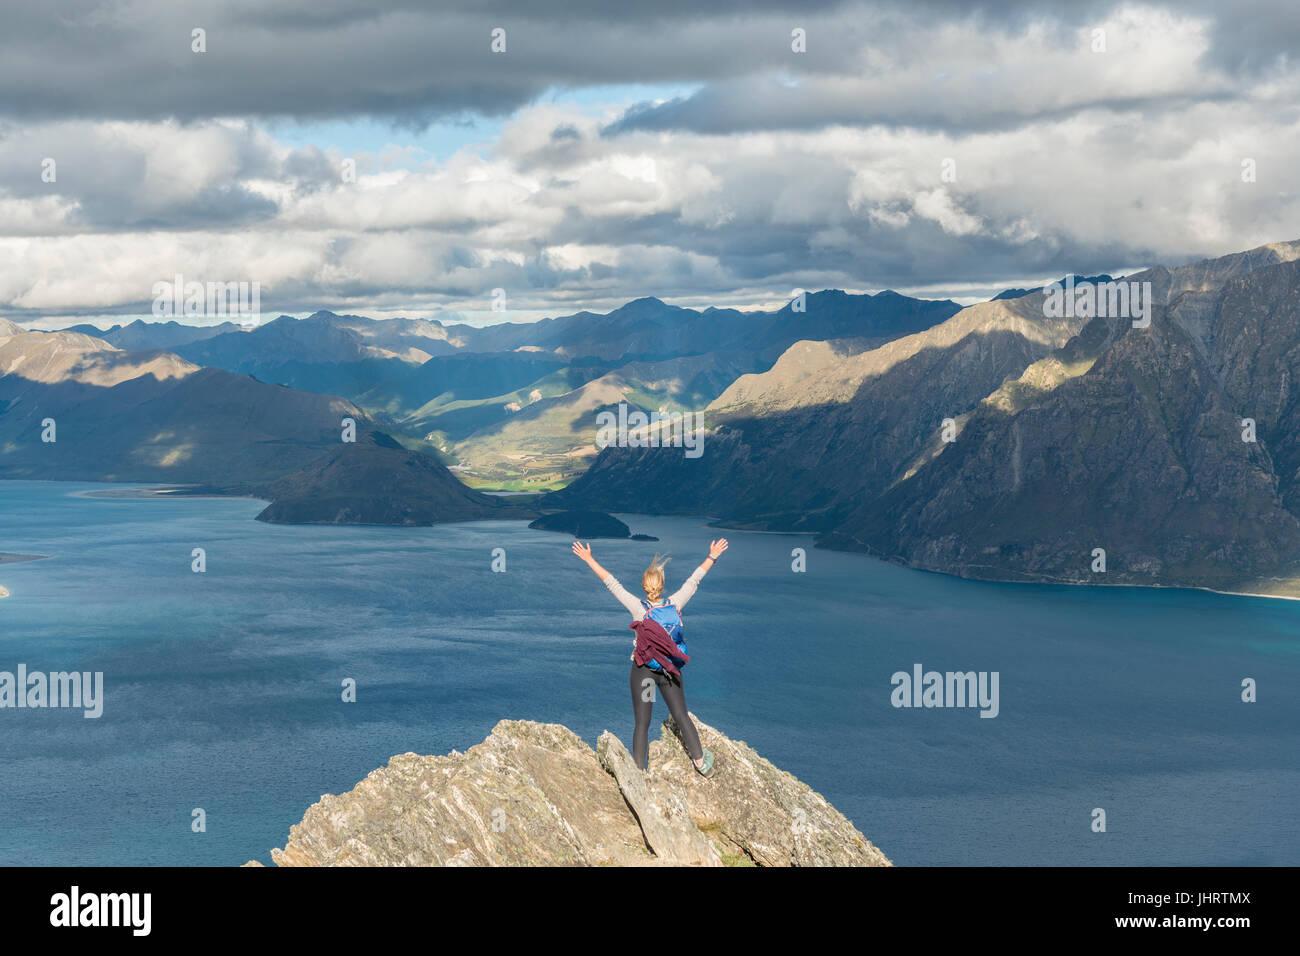 Female hiker sur un rocher, s'étirant les bras en l'air, le lac Hawea et paysage de montagne, Pic isthme, Photo Stock